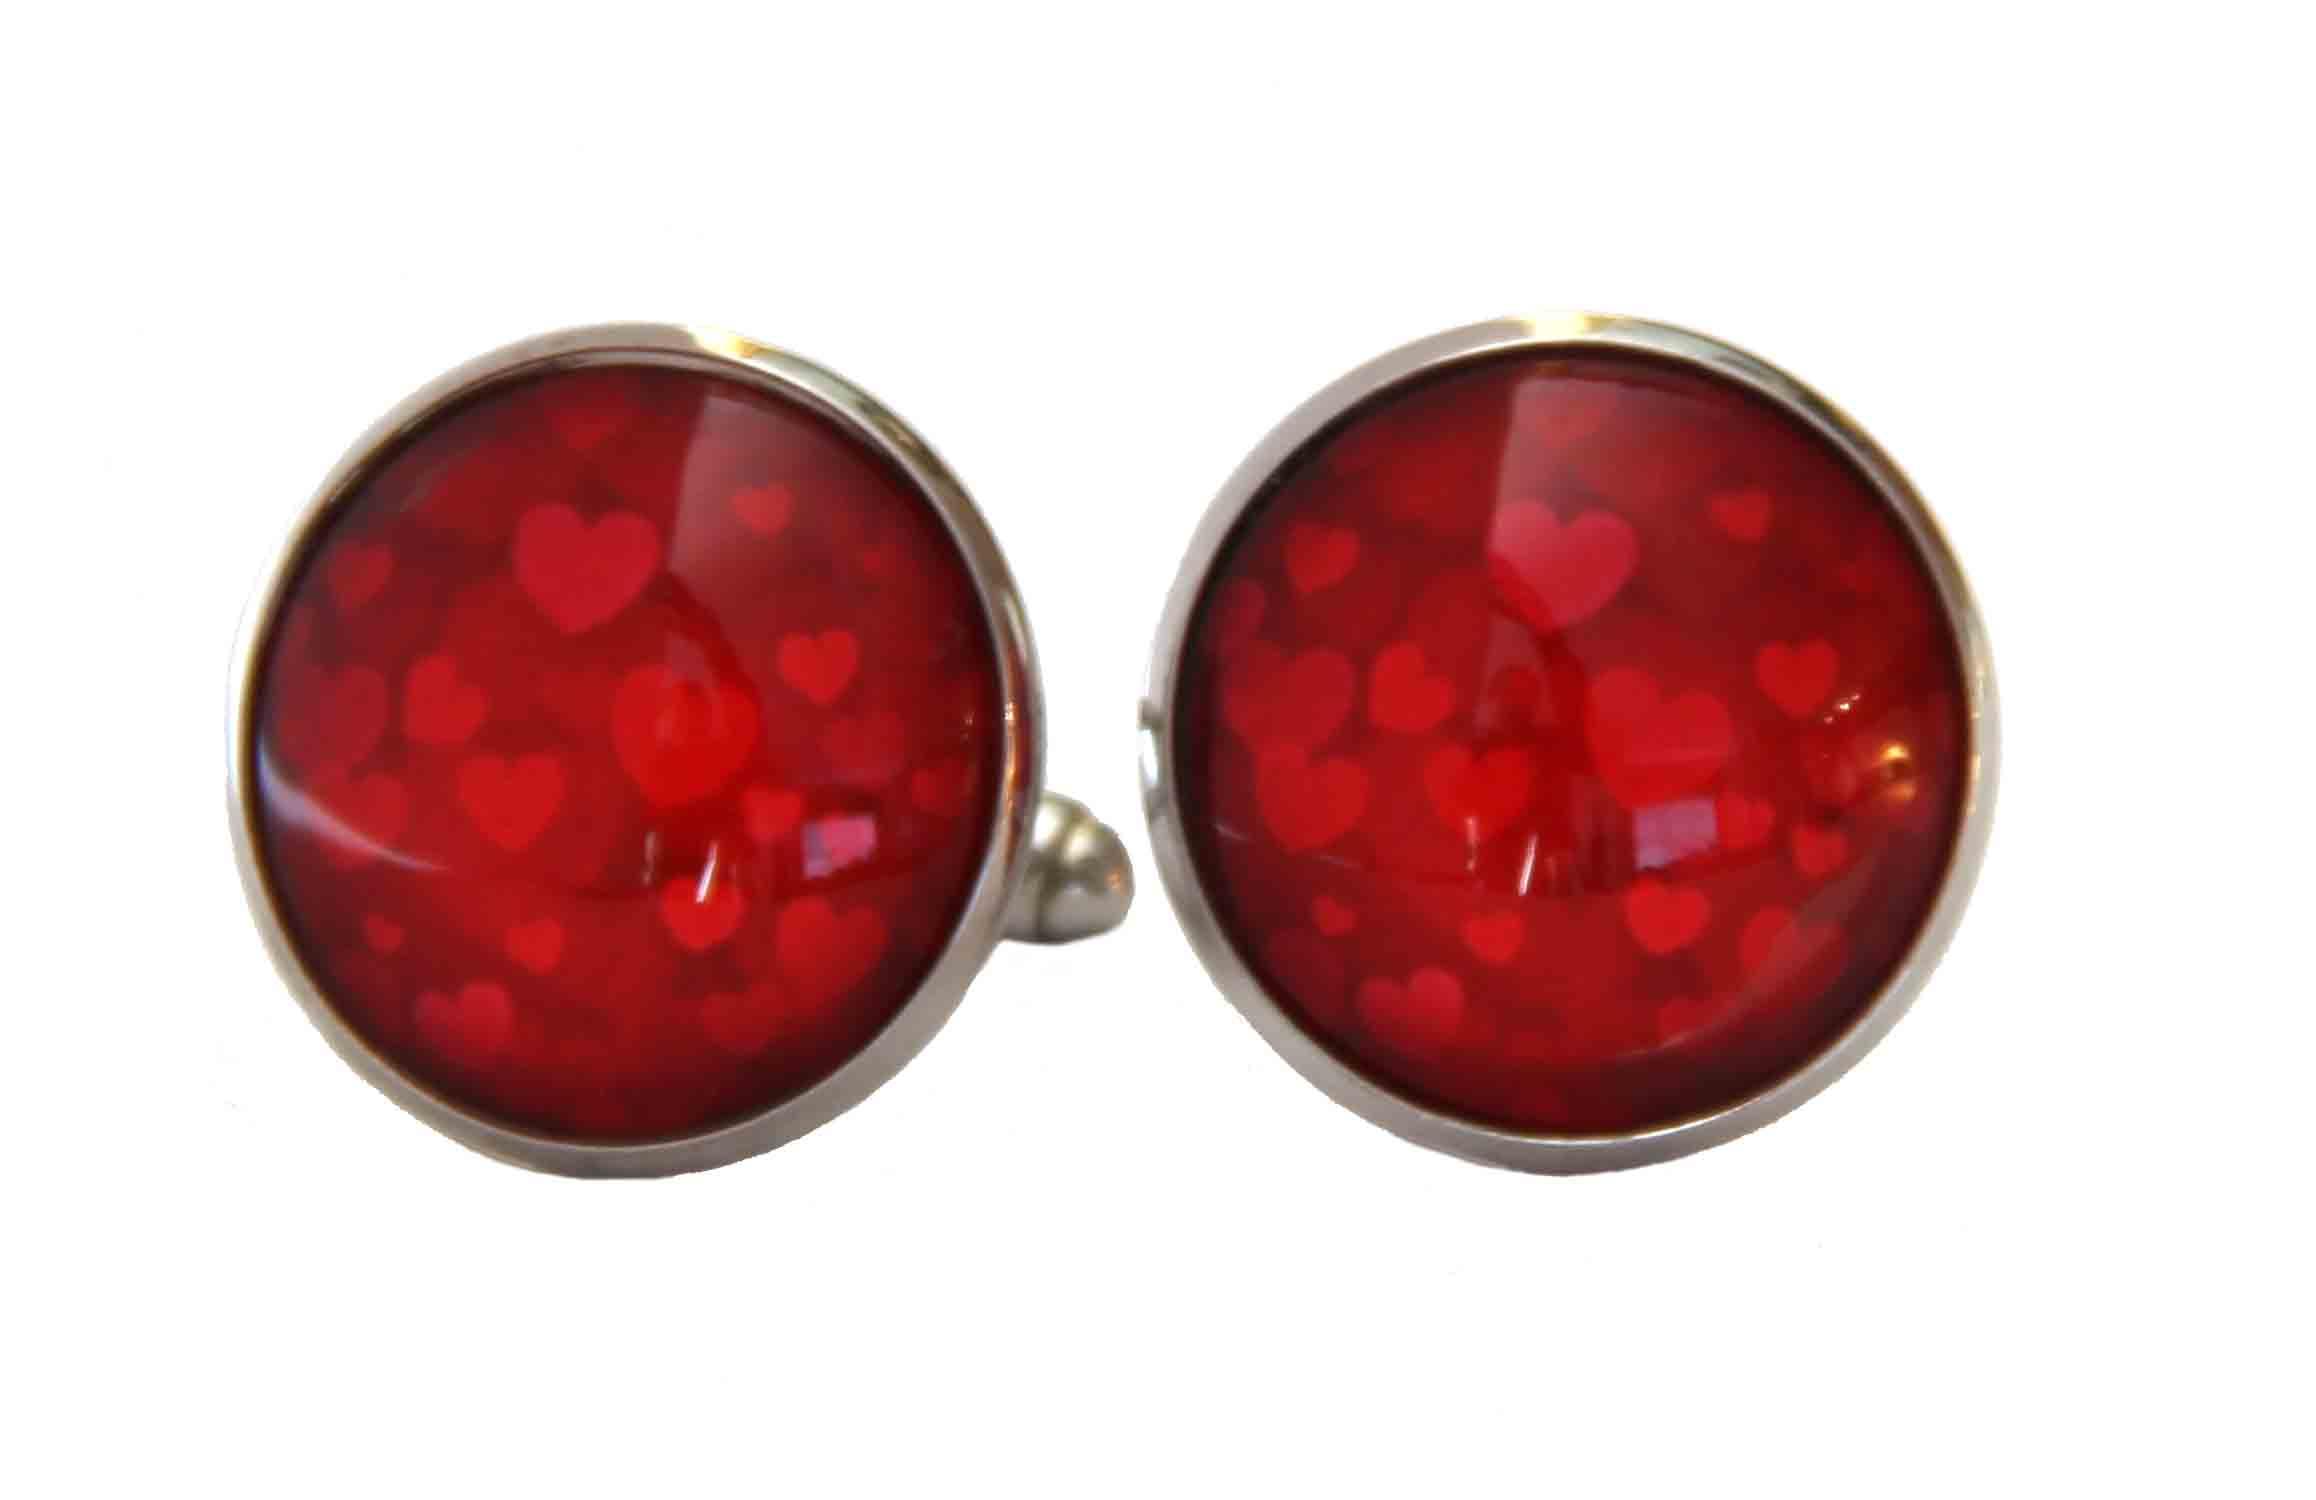 Gascoigne Love Hearts Cufflinks Red Valentines Handmade Men's